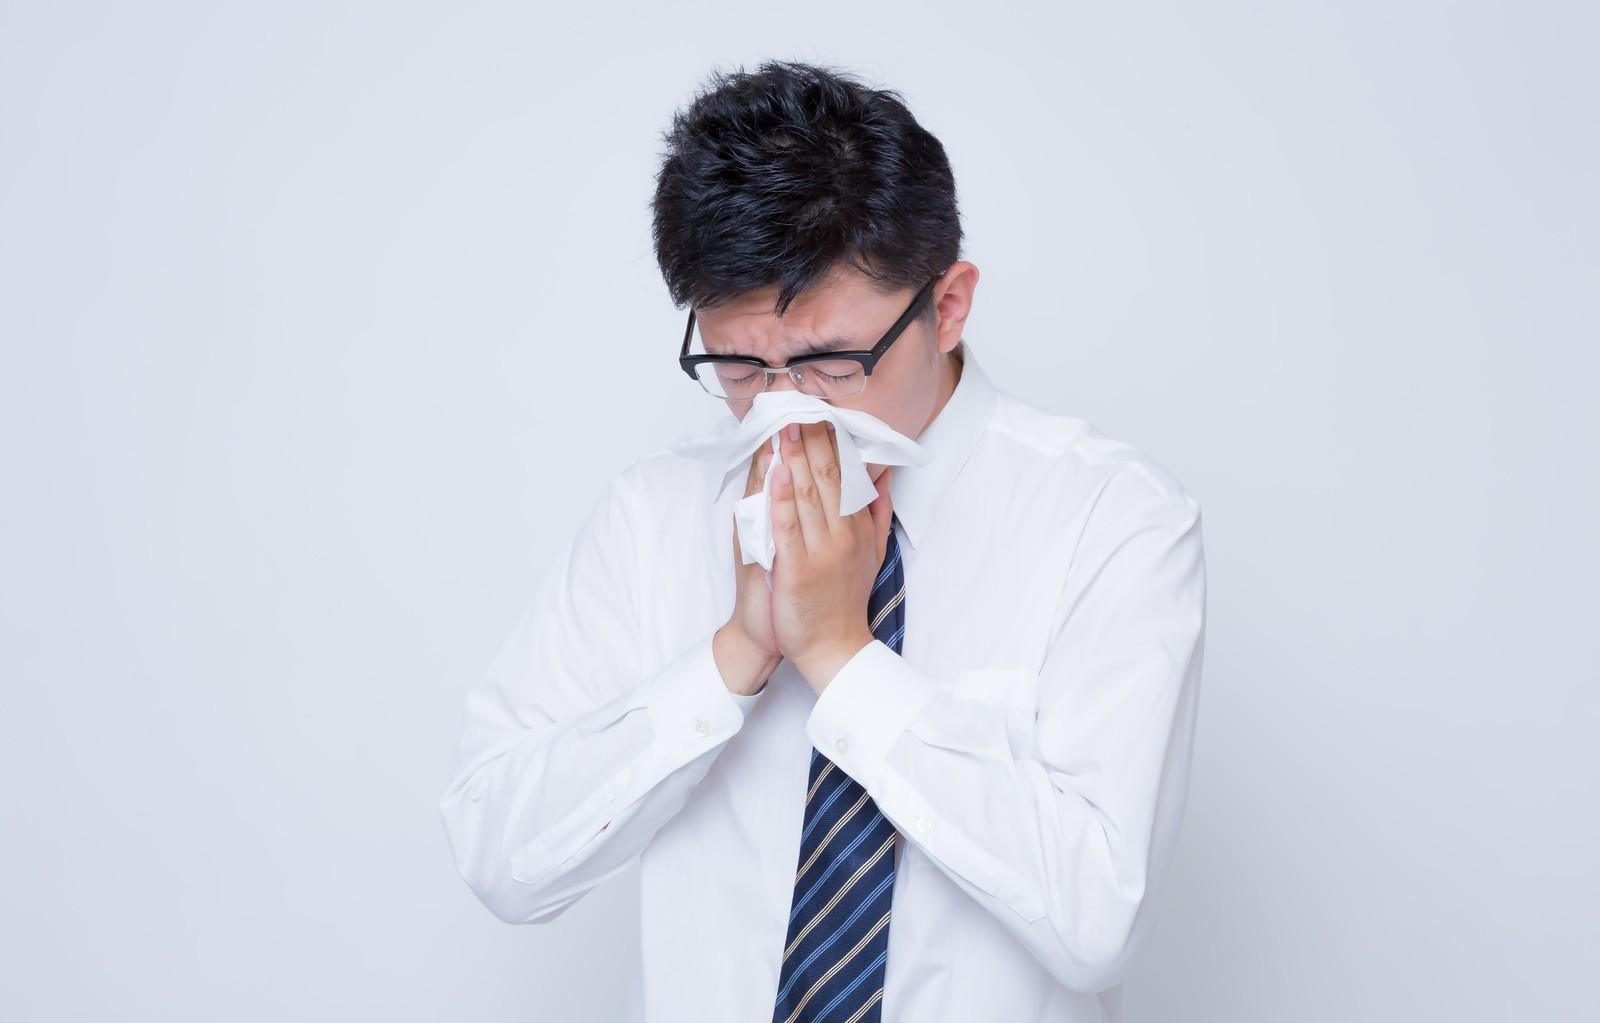 耳 が 鼻 痛い を ら かんだ